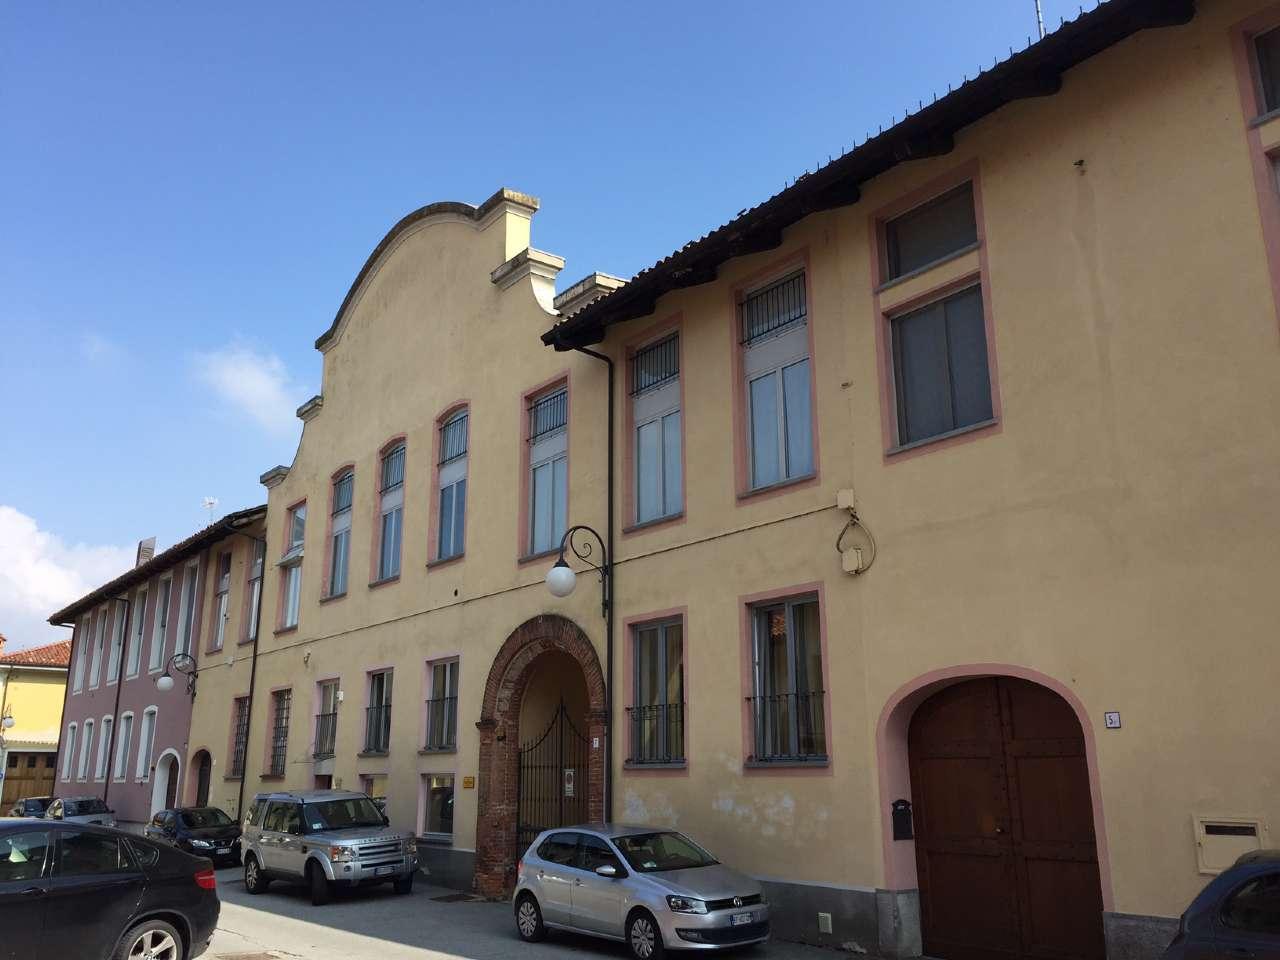 Appartamento in vendita a Cherasco, 2 locali, prezzo € 90.000 | CambioCasa.it